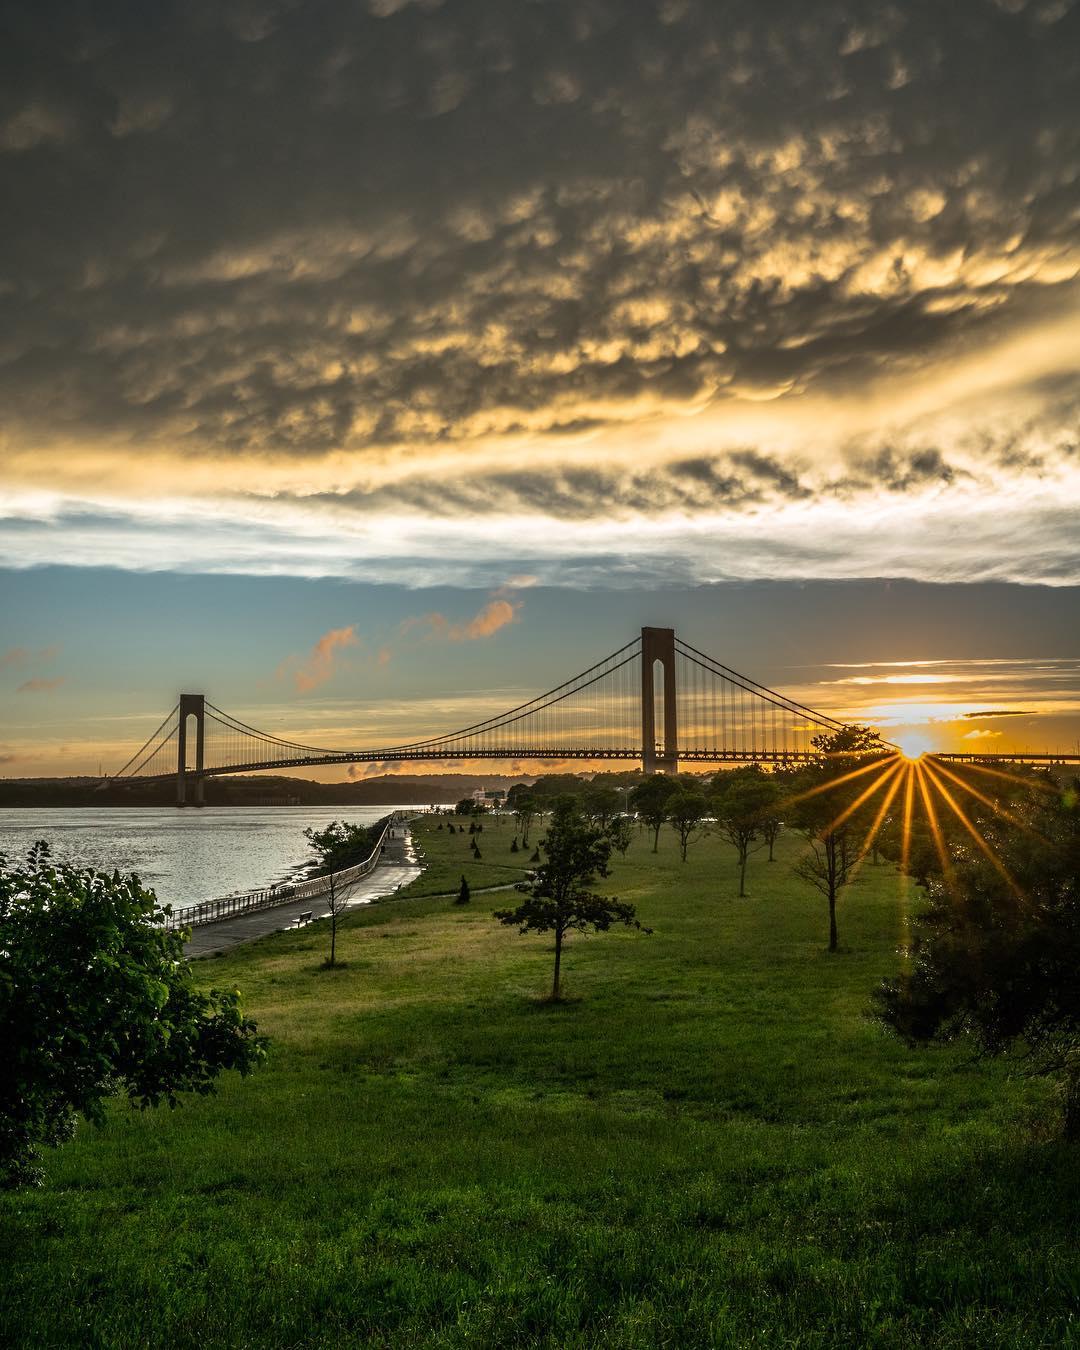 Нью-Йорк и Сан-Франциско на снимках Эвана Мейера